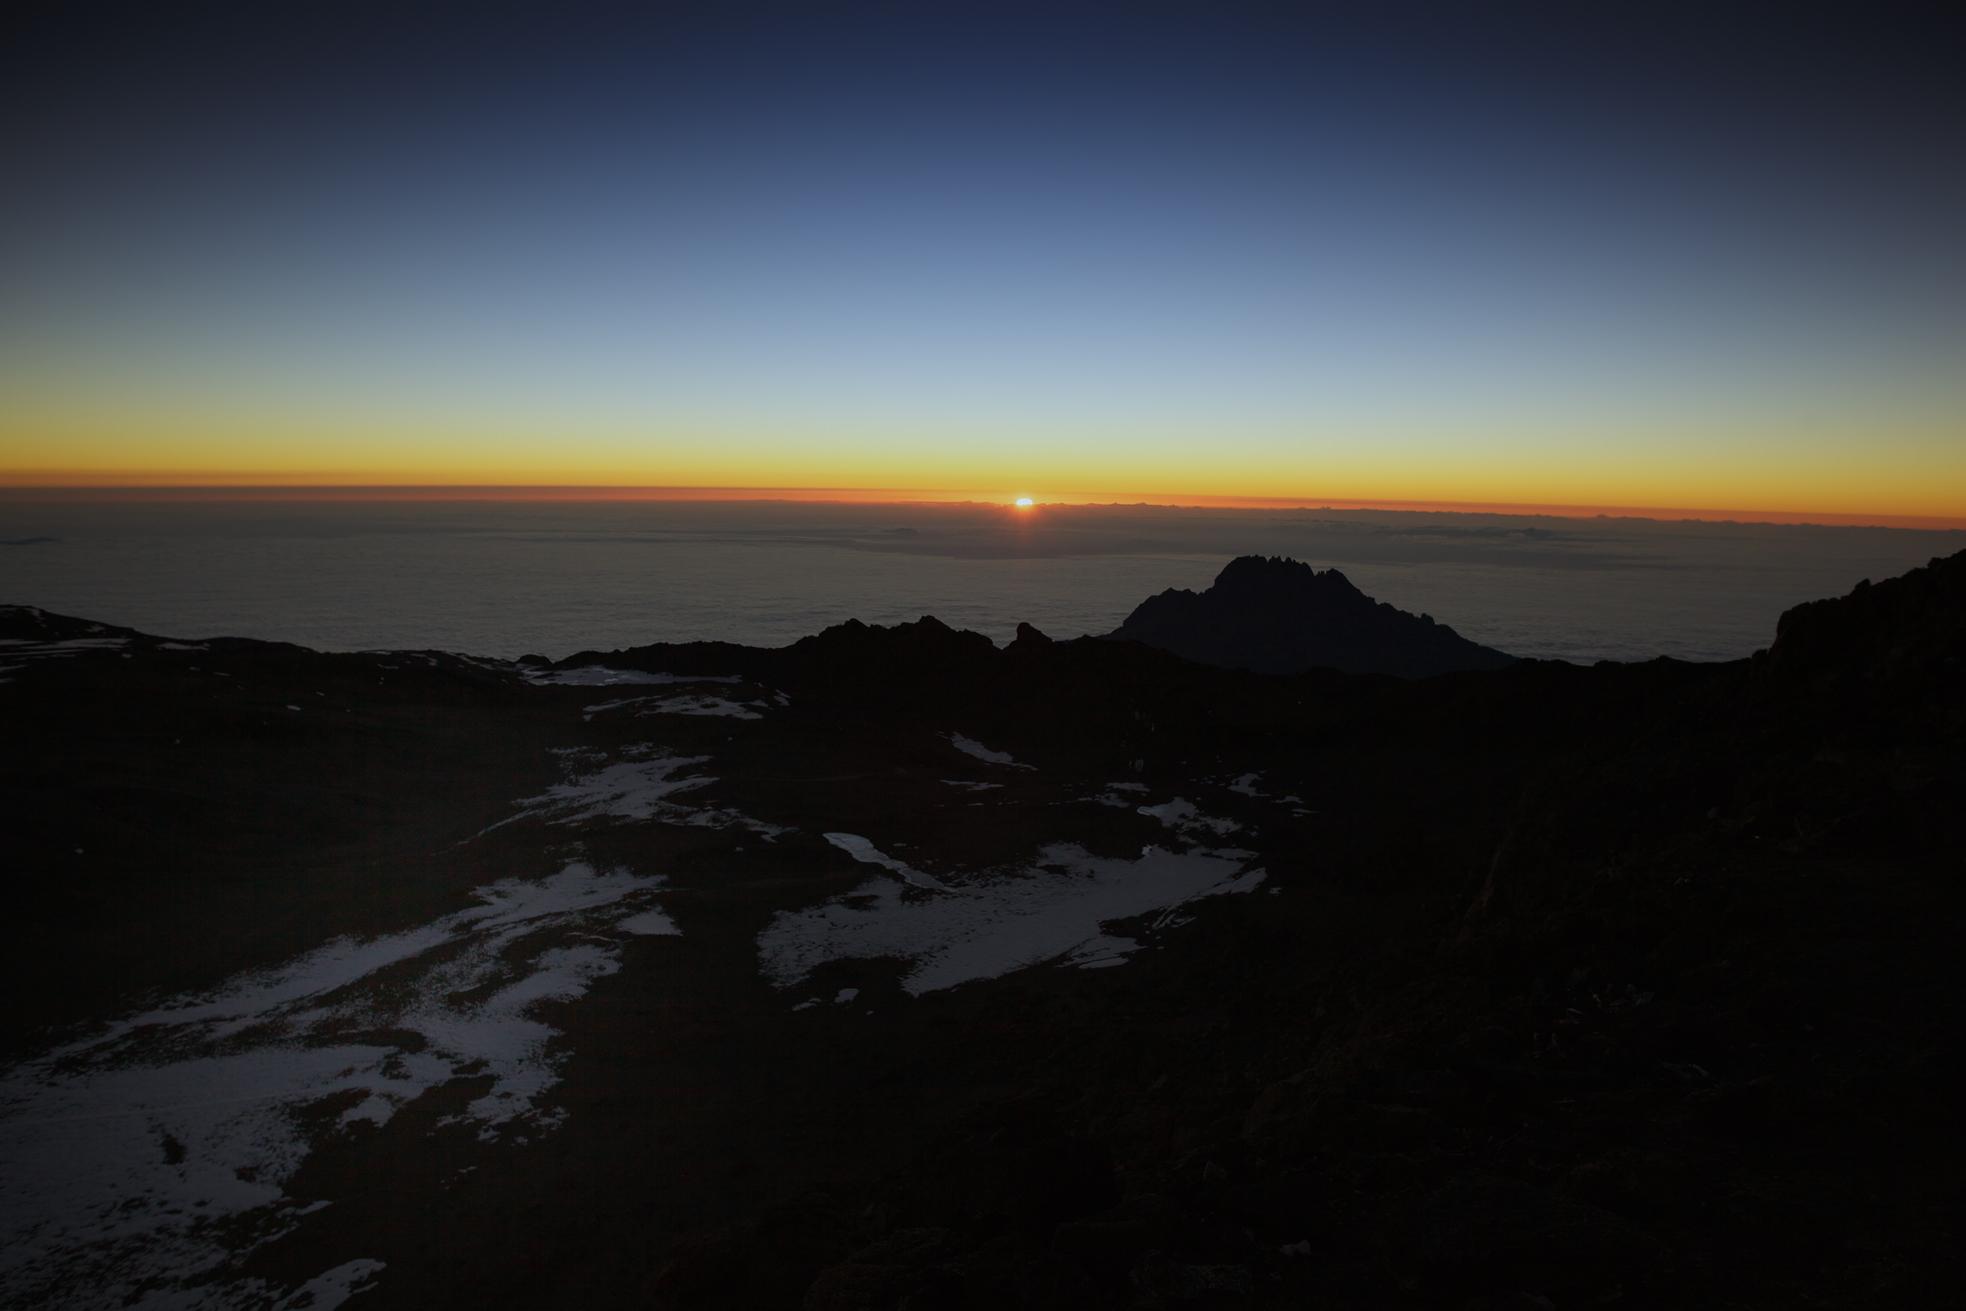 Sunrise at Uhuru peak 5895masl, Mt. Kilimanjaro (TZ)